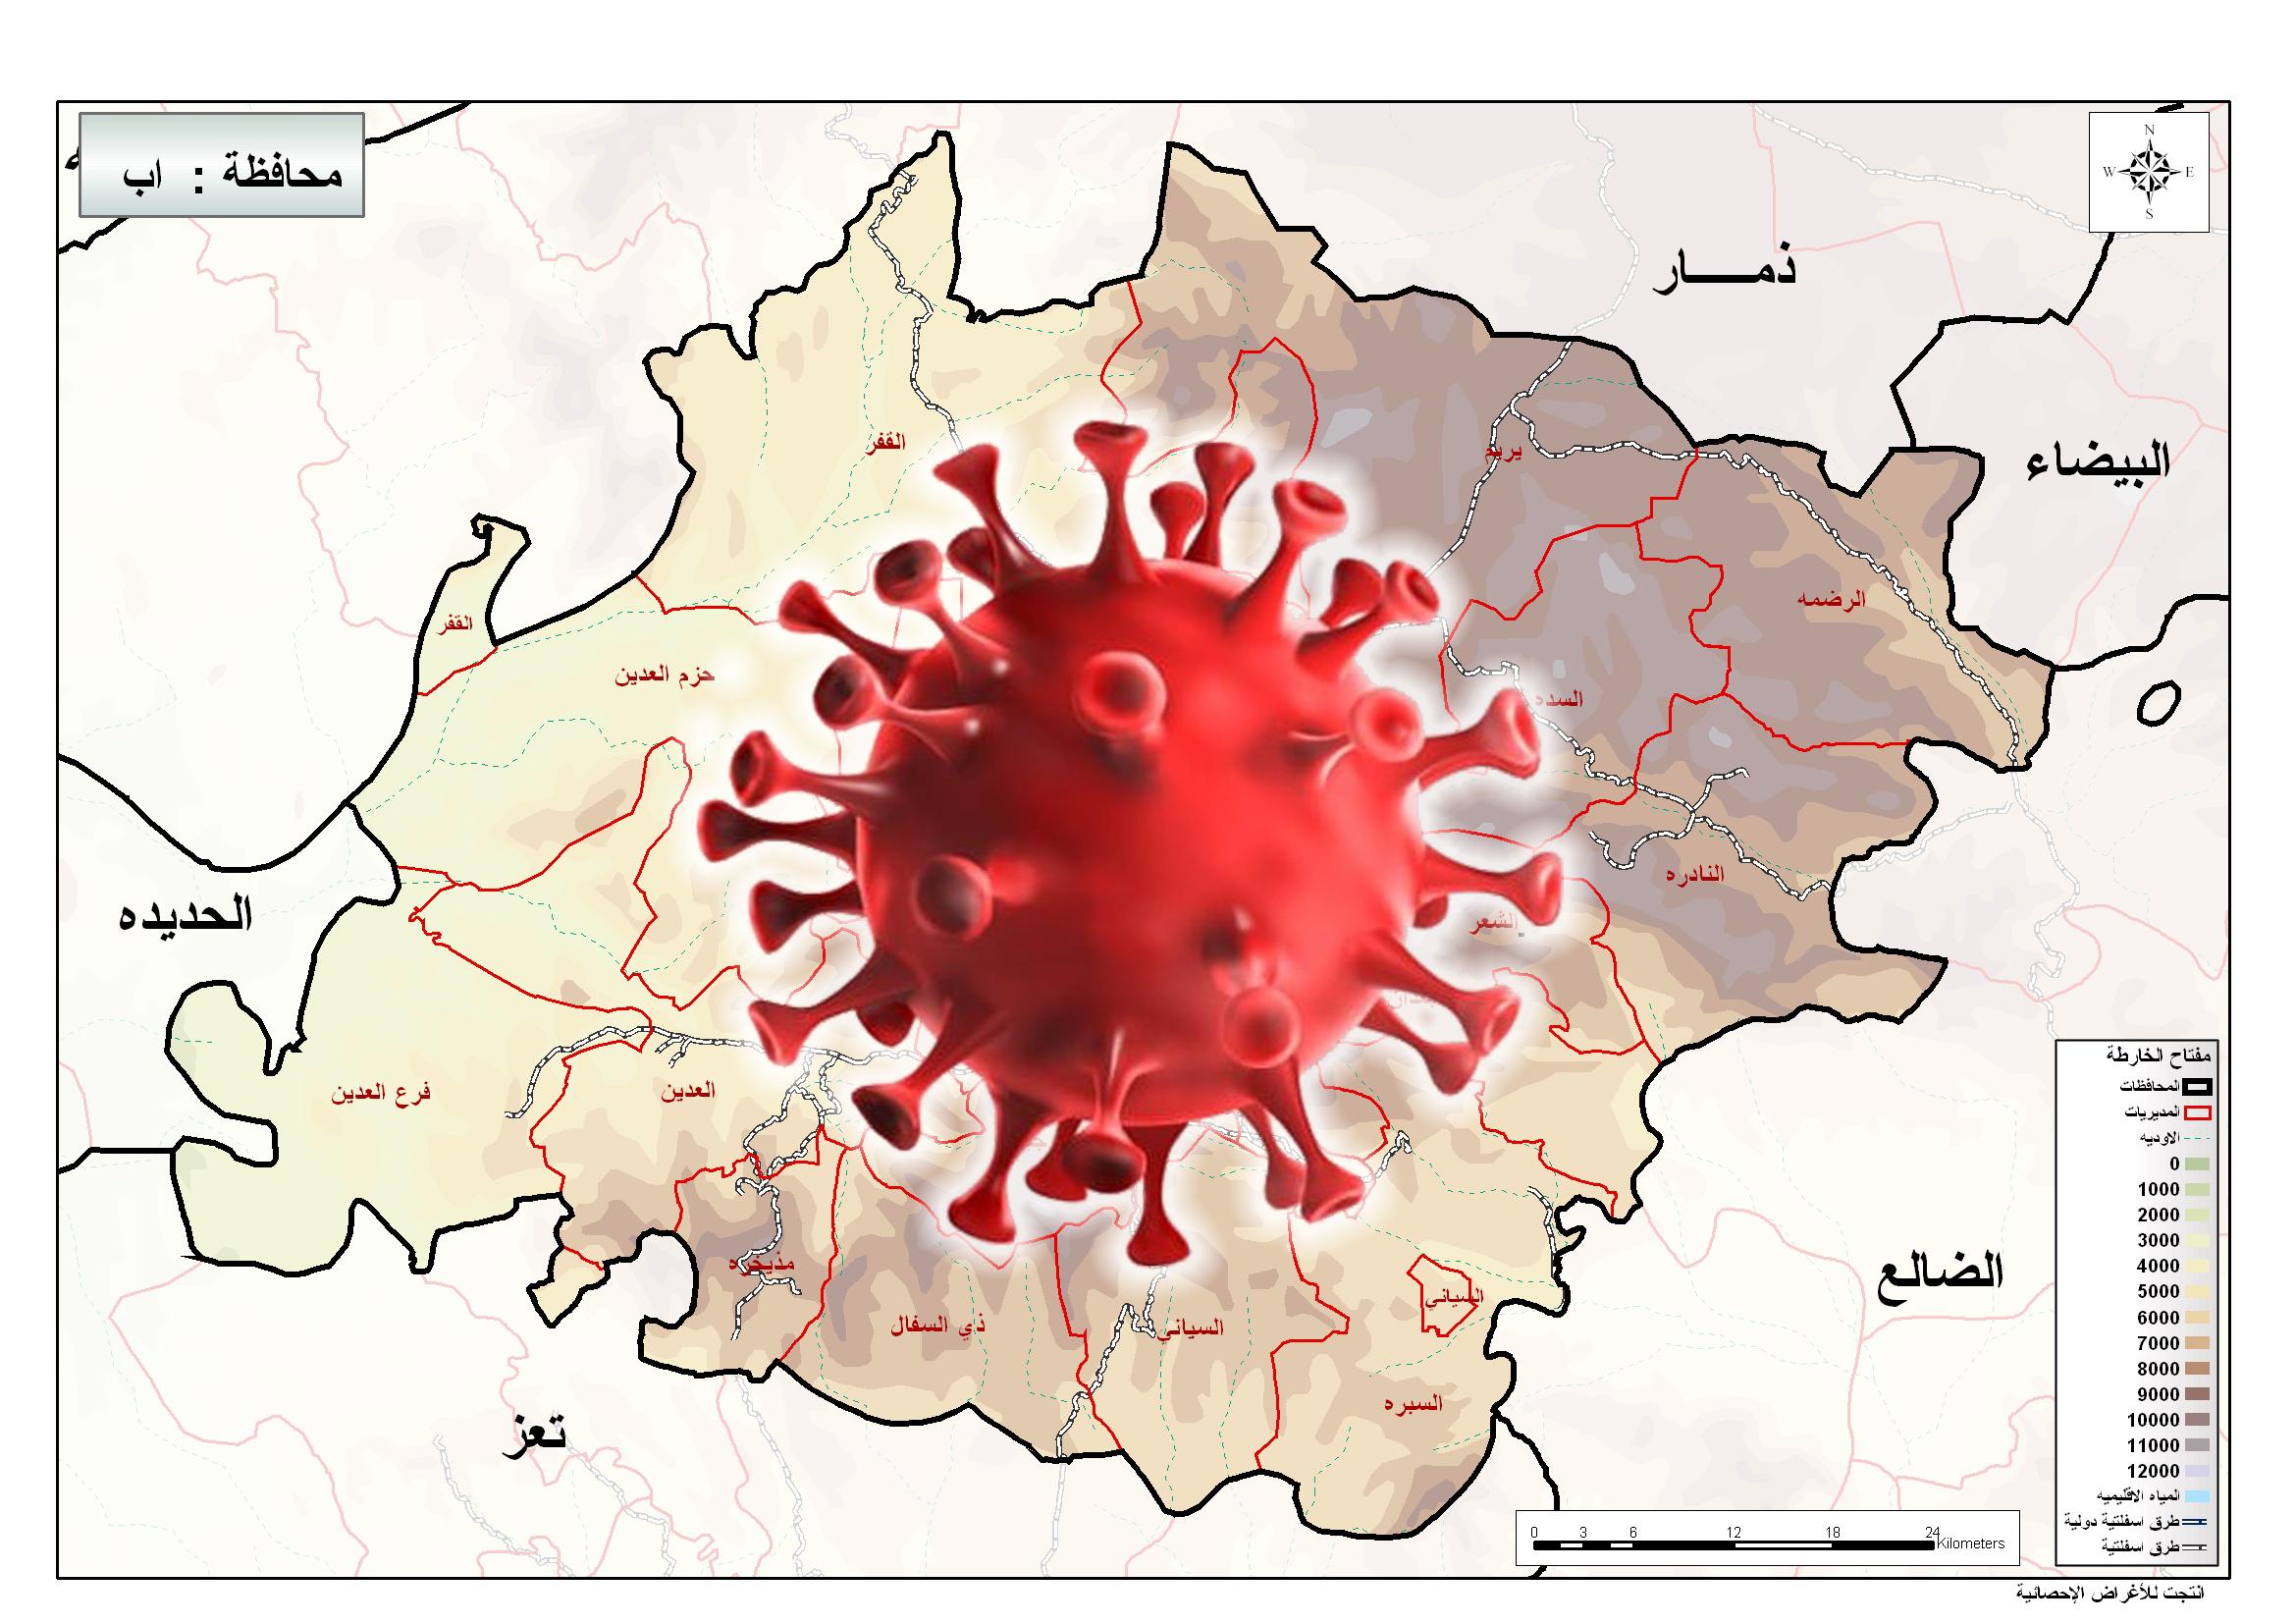 خريطة كورونا - إب